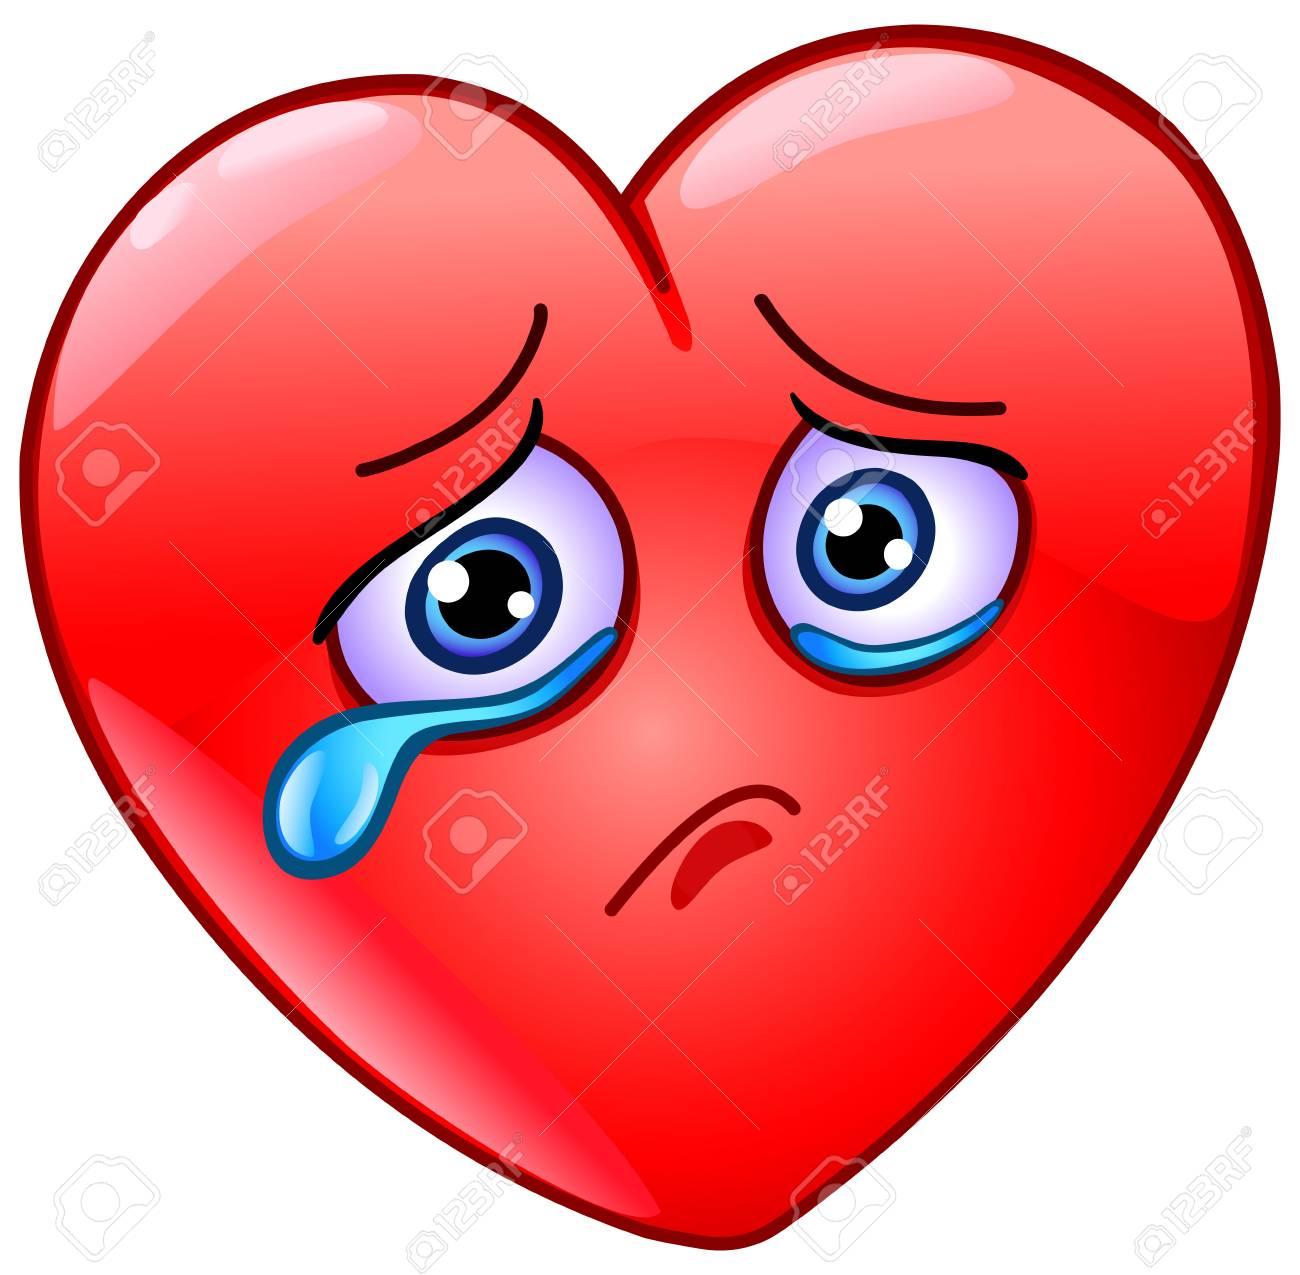 Conception D Icone Emoticone Coeur Triste Et Qui Pleure Clip Art Libres De Droits Vecteurs Et Illustration Image 89397107